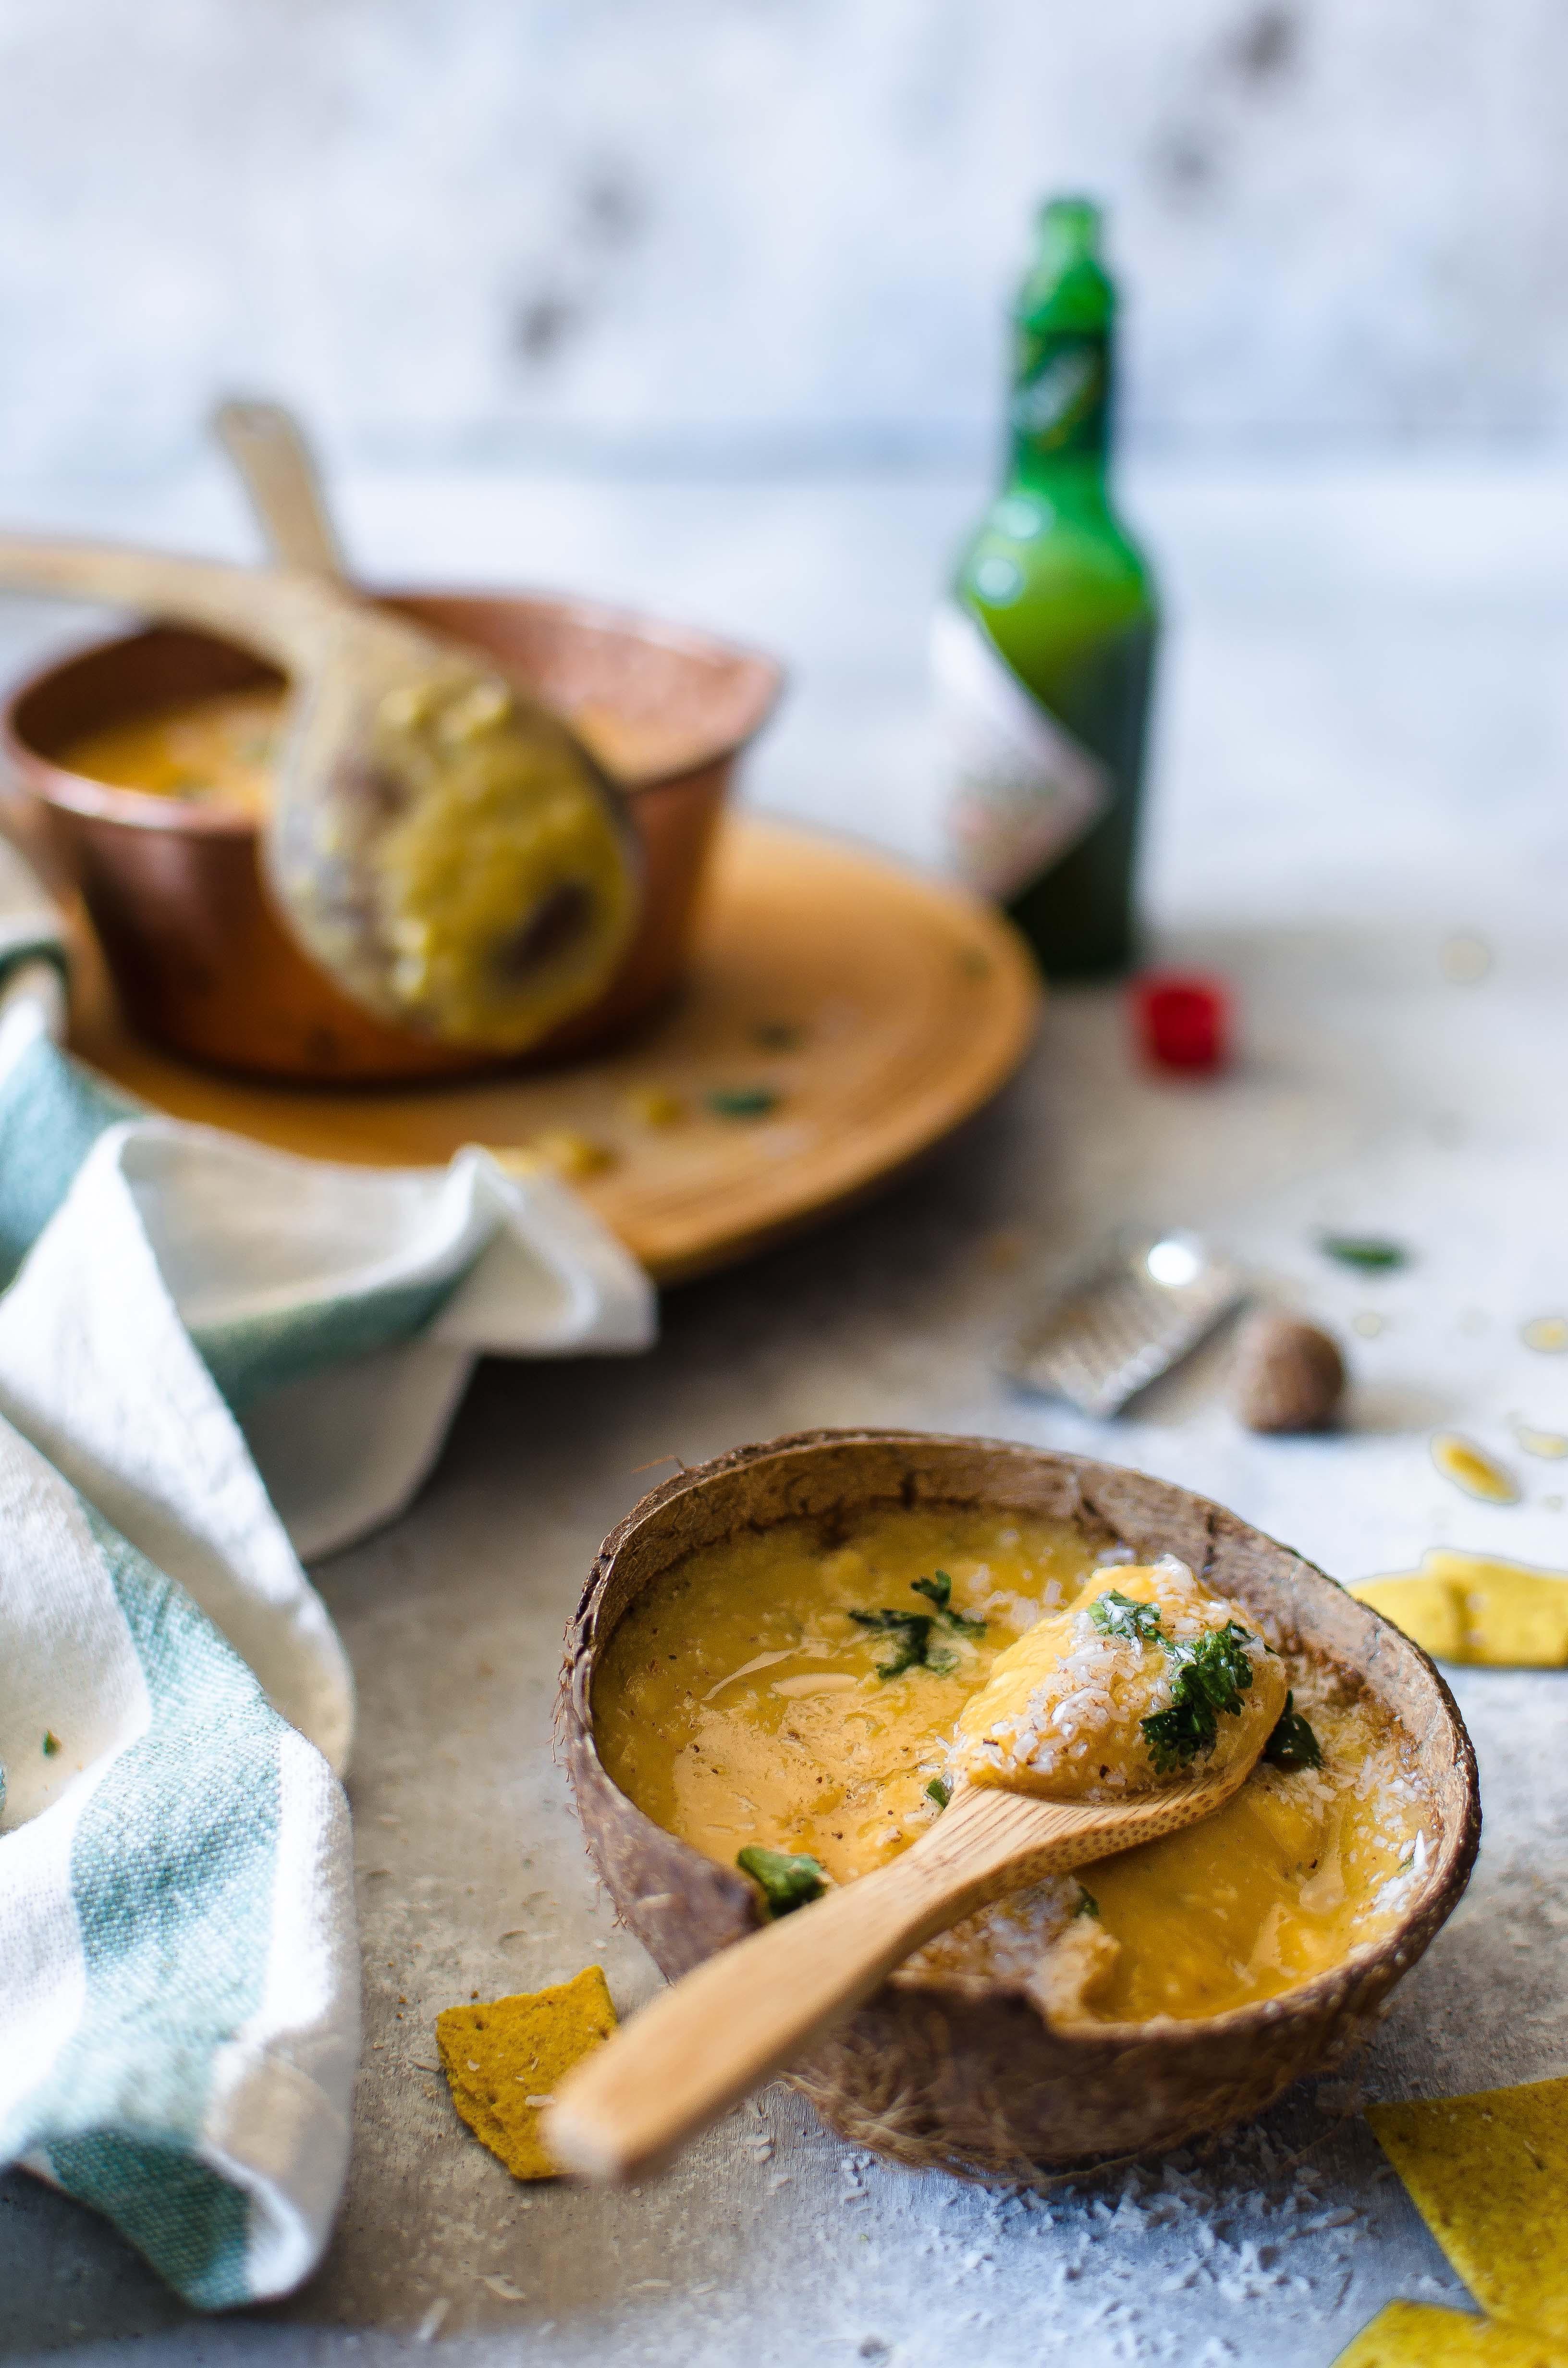 crema-vegetale-patate-dolci Crema di patate dolci, lime e cocco